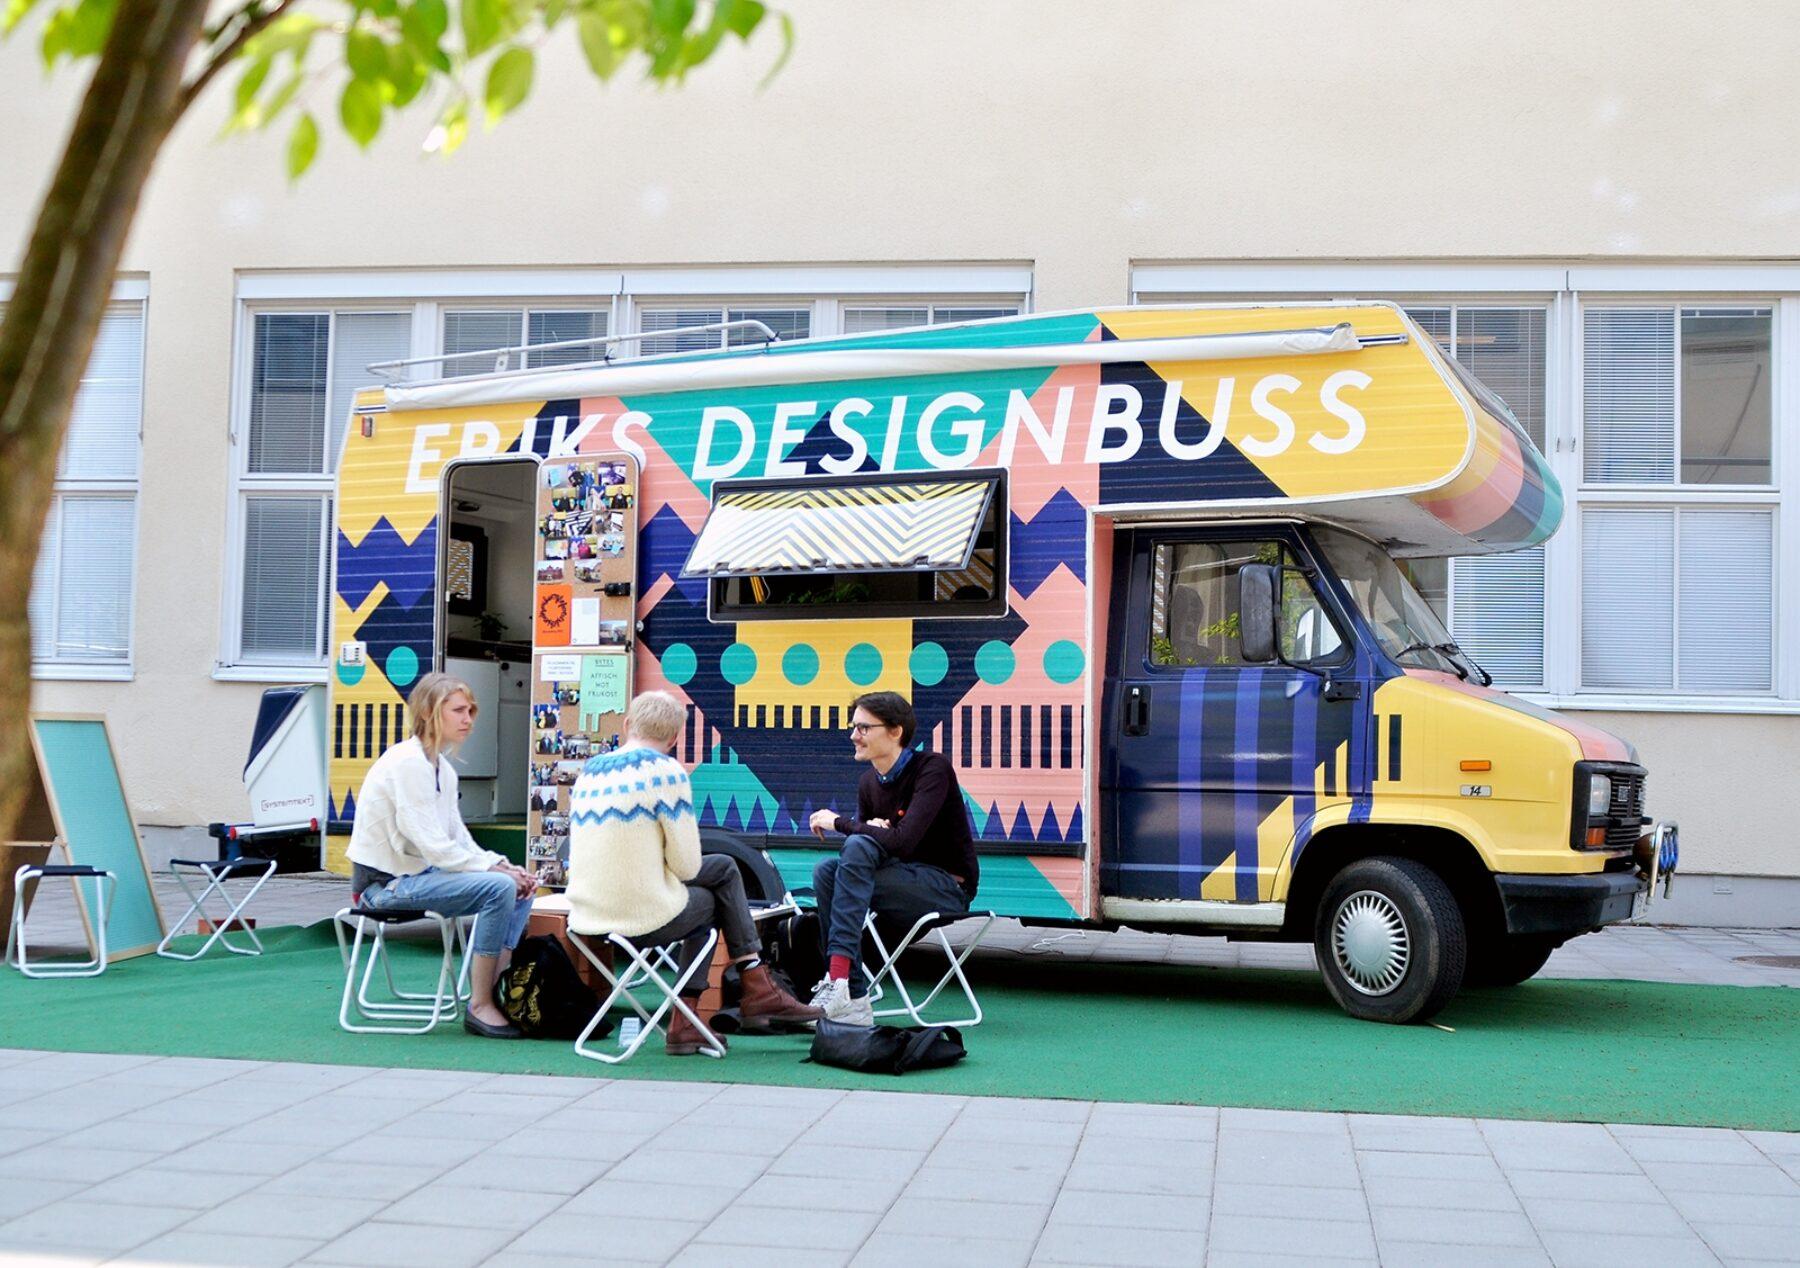 Eriks_Designbuss_19_low